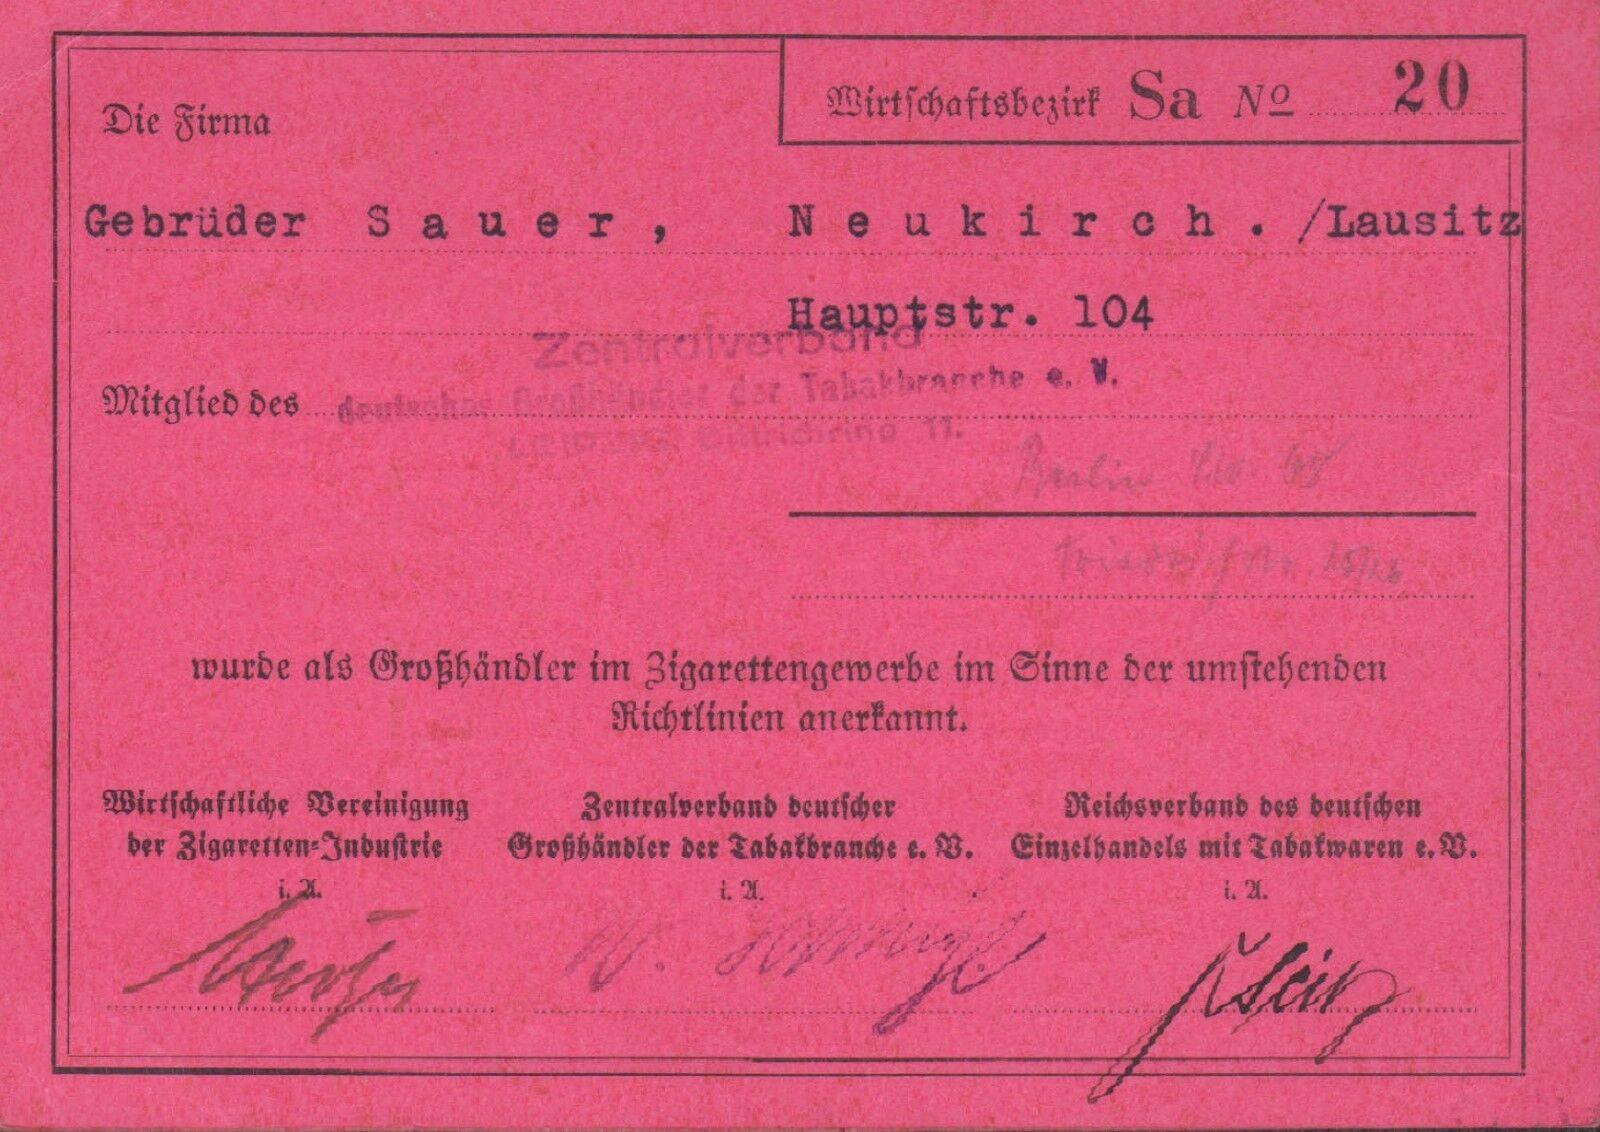 NEUKIRCH/LAUSITZ, Ausweis-Karte, Gebrüder Sauer Tabakhändler Zigarettengewerbe